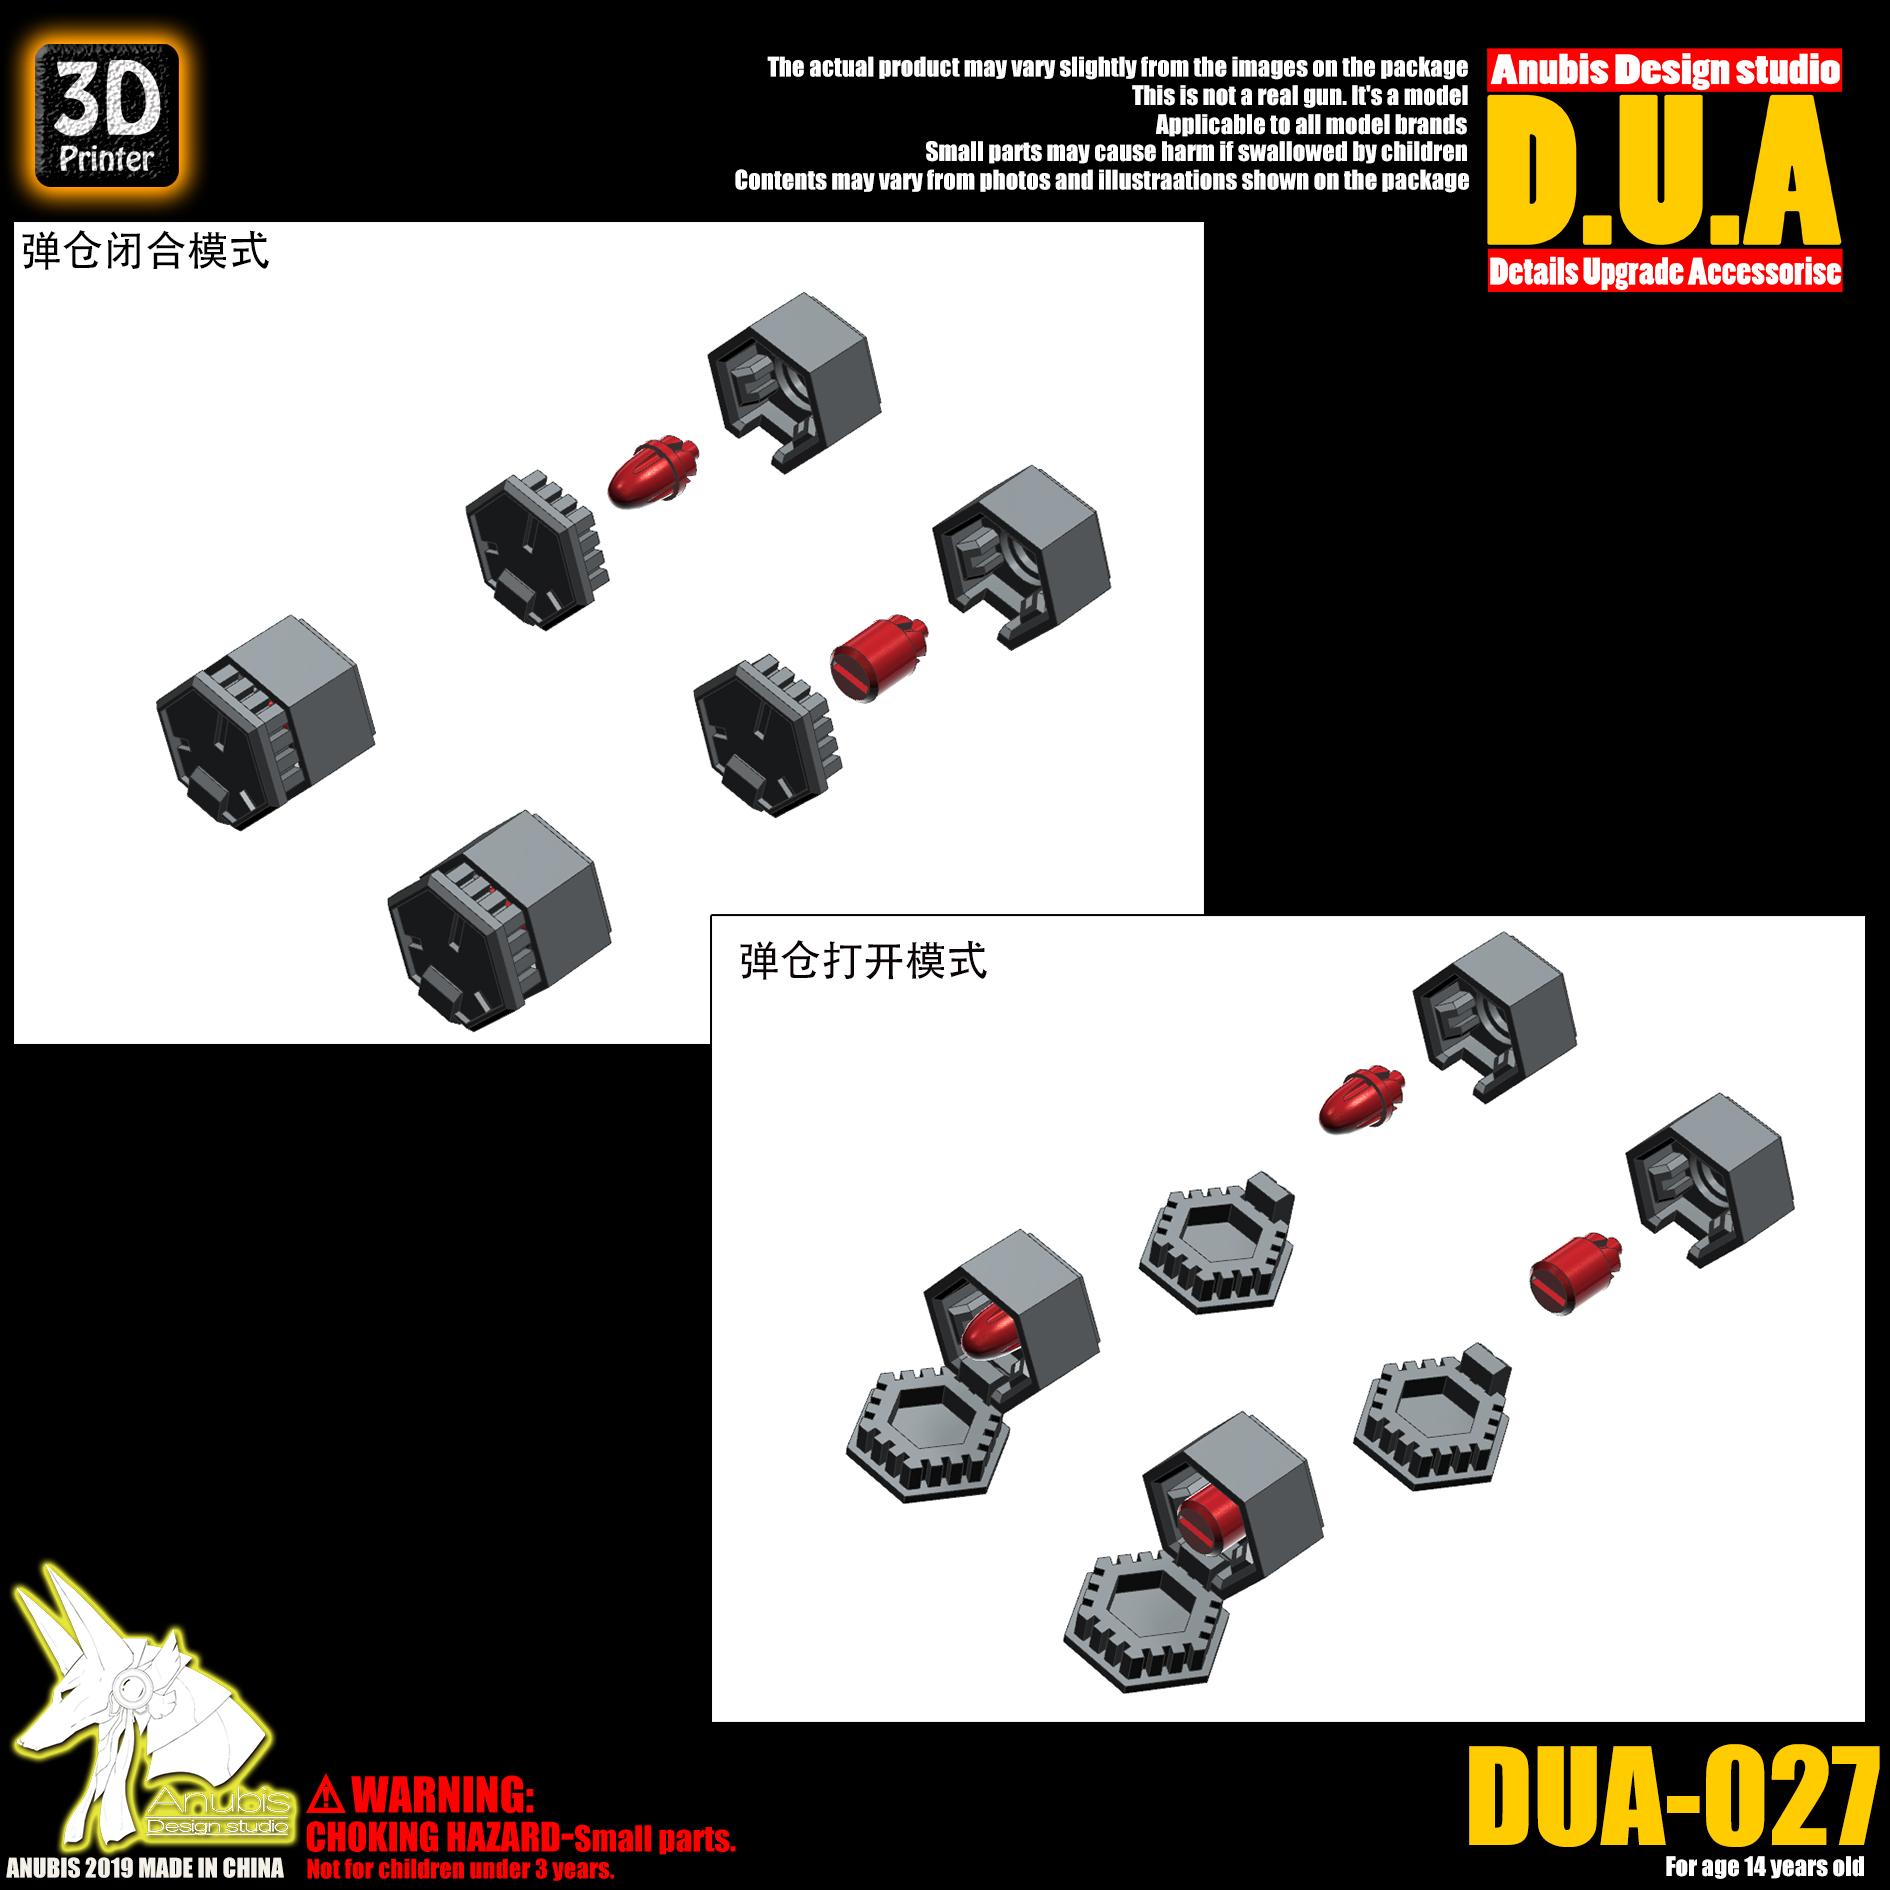 G413_DUA027_003.jpg